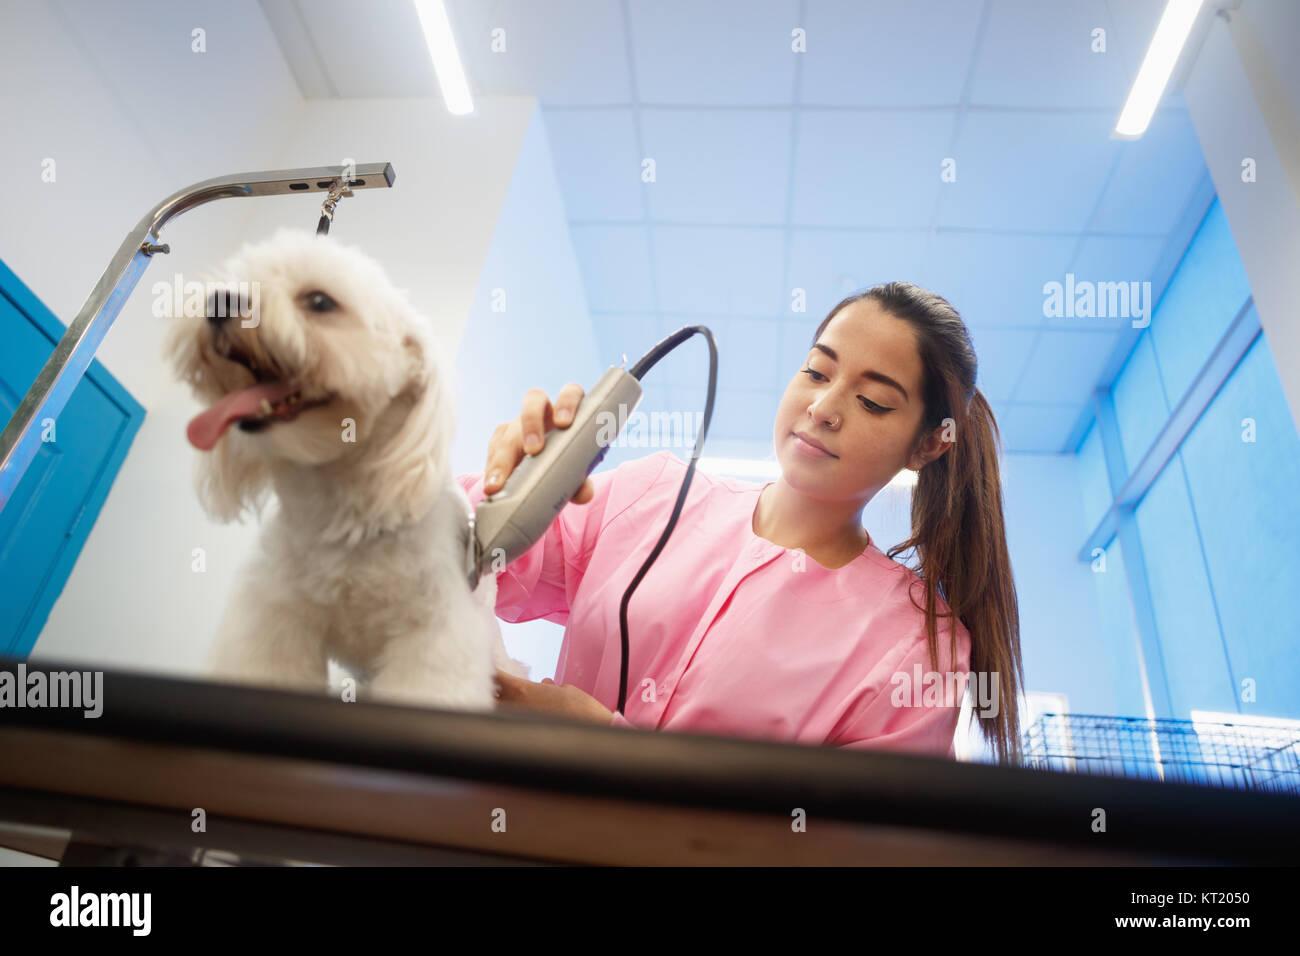 Junge Frau in Pet Shop arbeiten, trimmen Hund Haare mit Clipper, Mädchen Pflege Welpen für Schönheit Stockbild